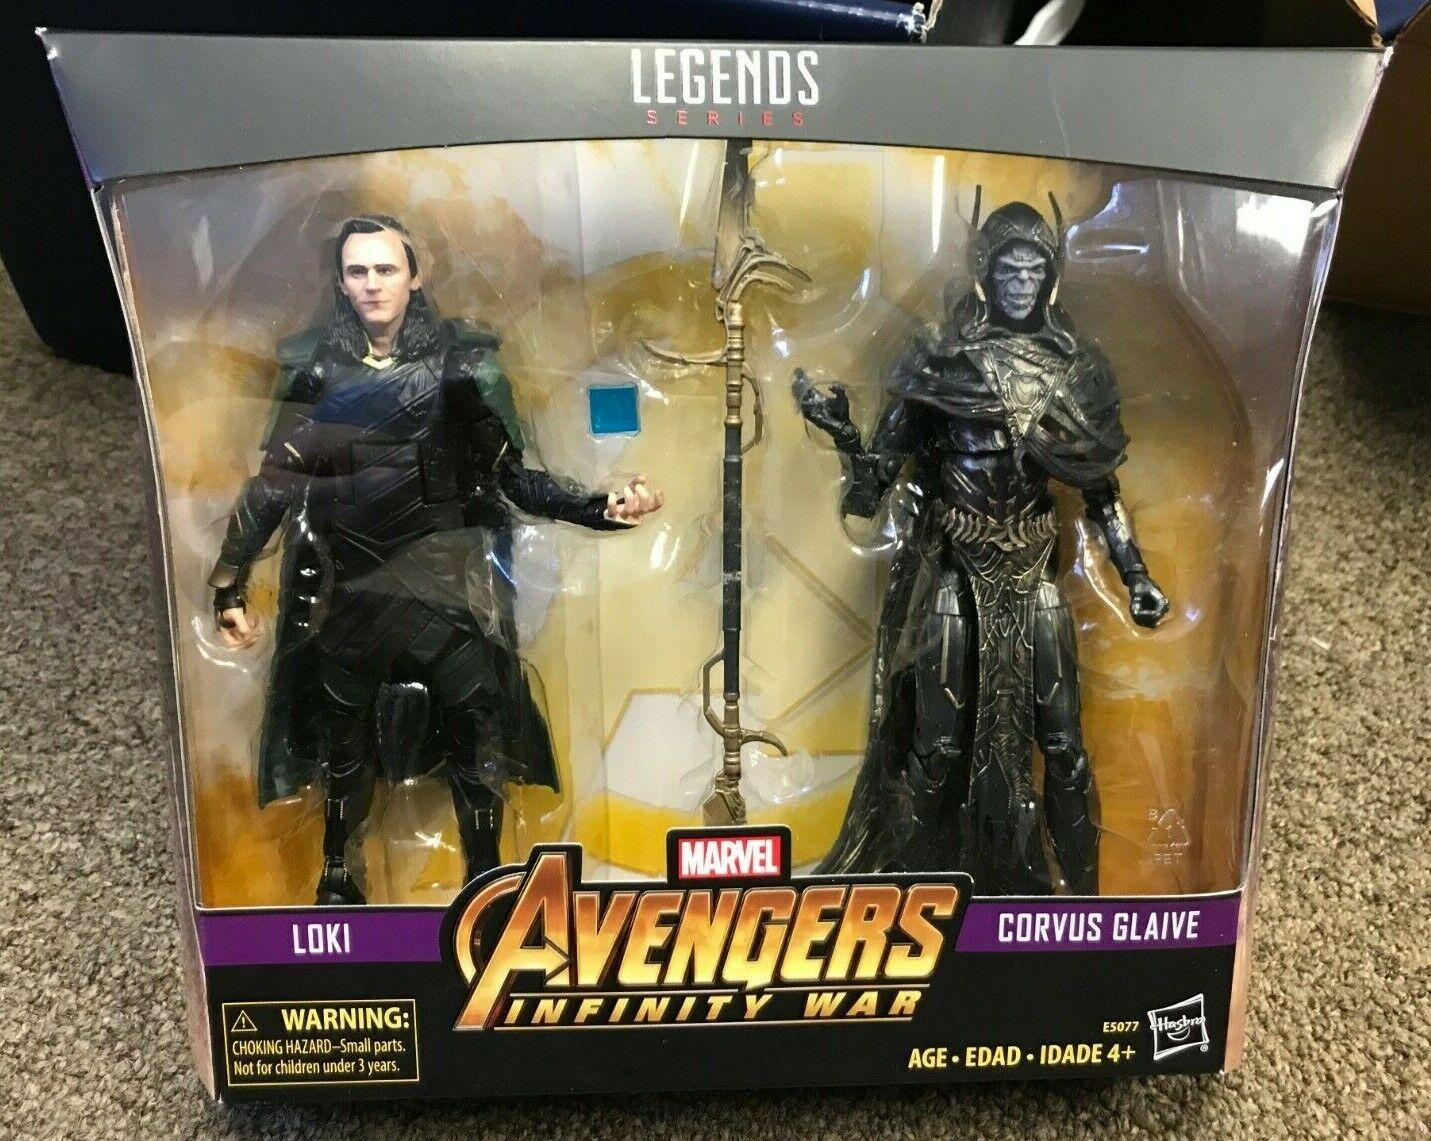 Marvel Leggende Mcu Corvus Glaive + Loki Avengers Infinity Guerra Wwe Wrestling